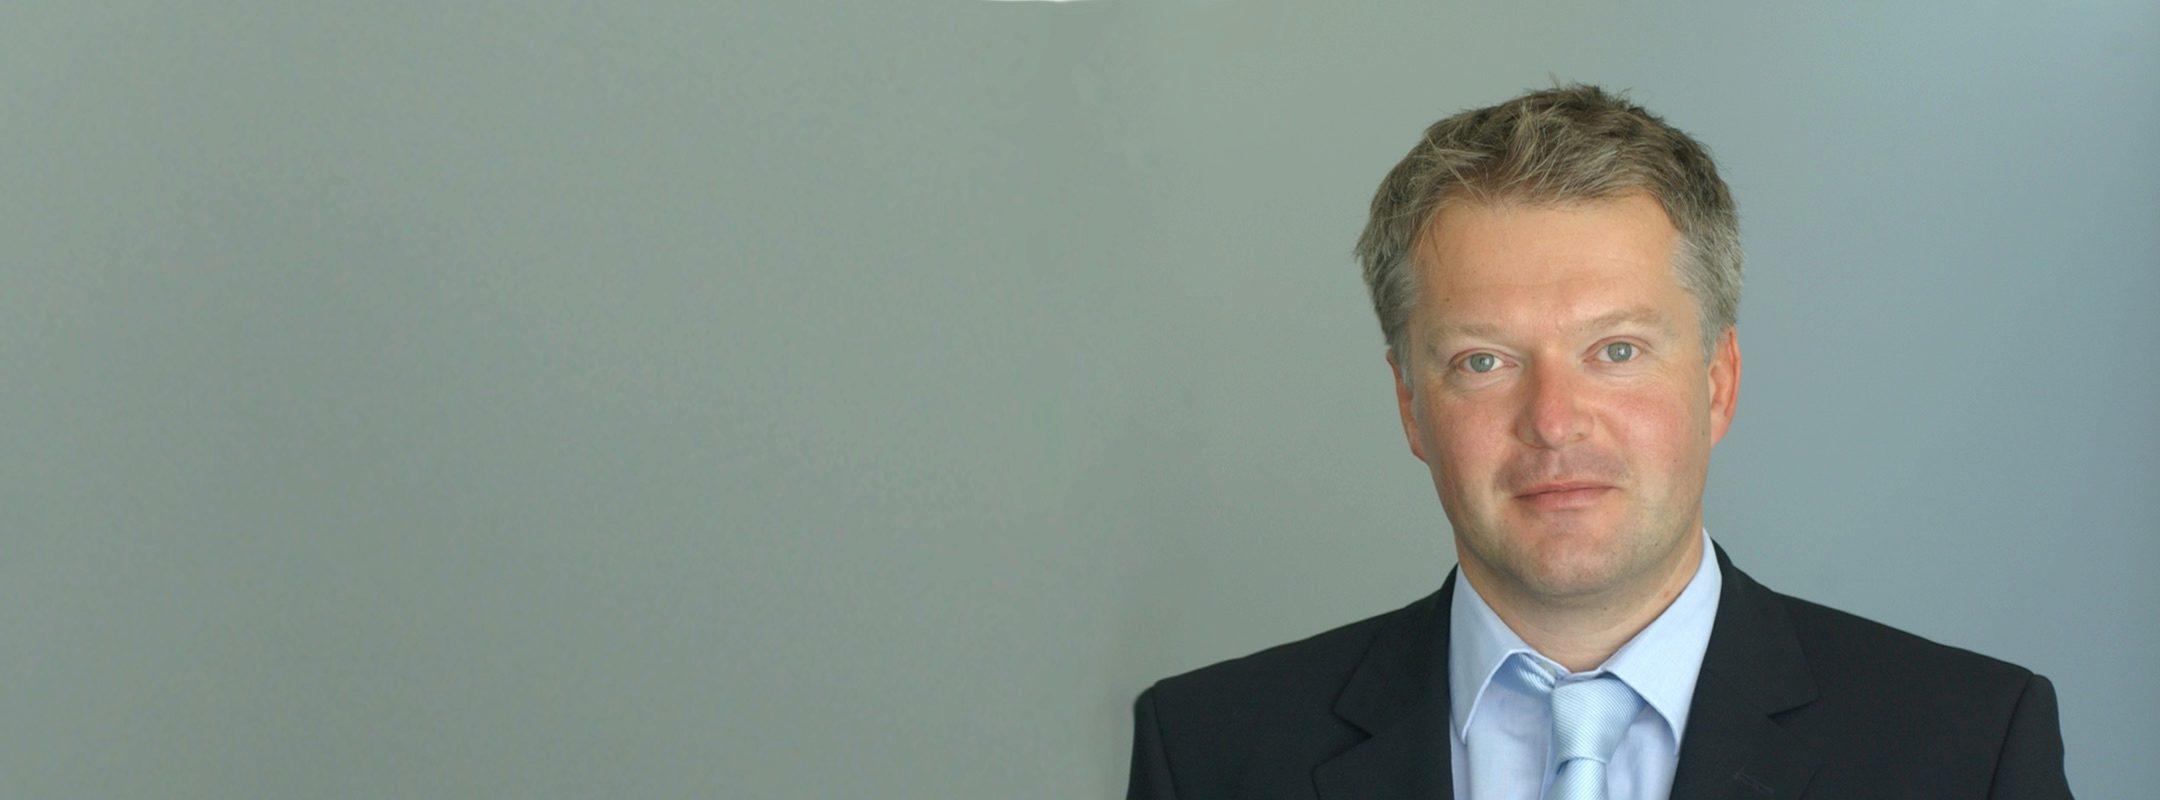 Dr. Gernot Lissack Kanzlei Wagensonner Kommunalrecht Verwaltungsrecht